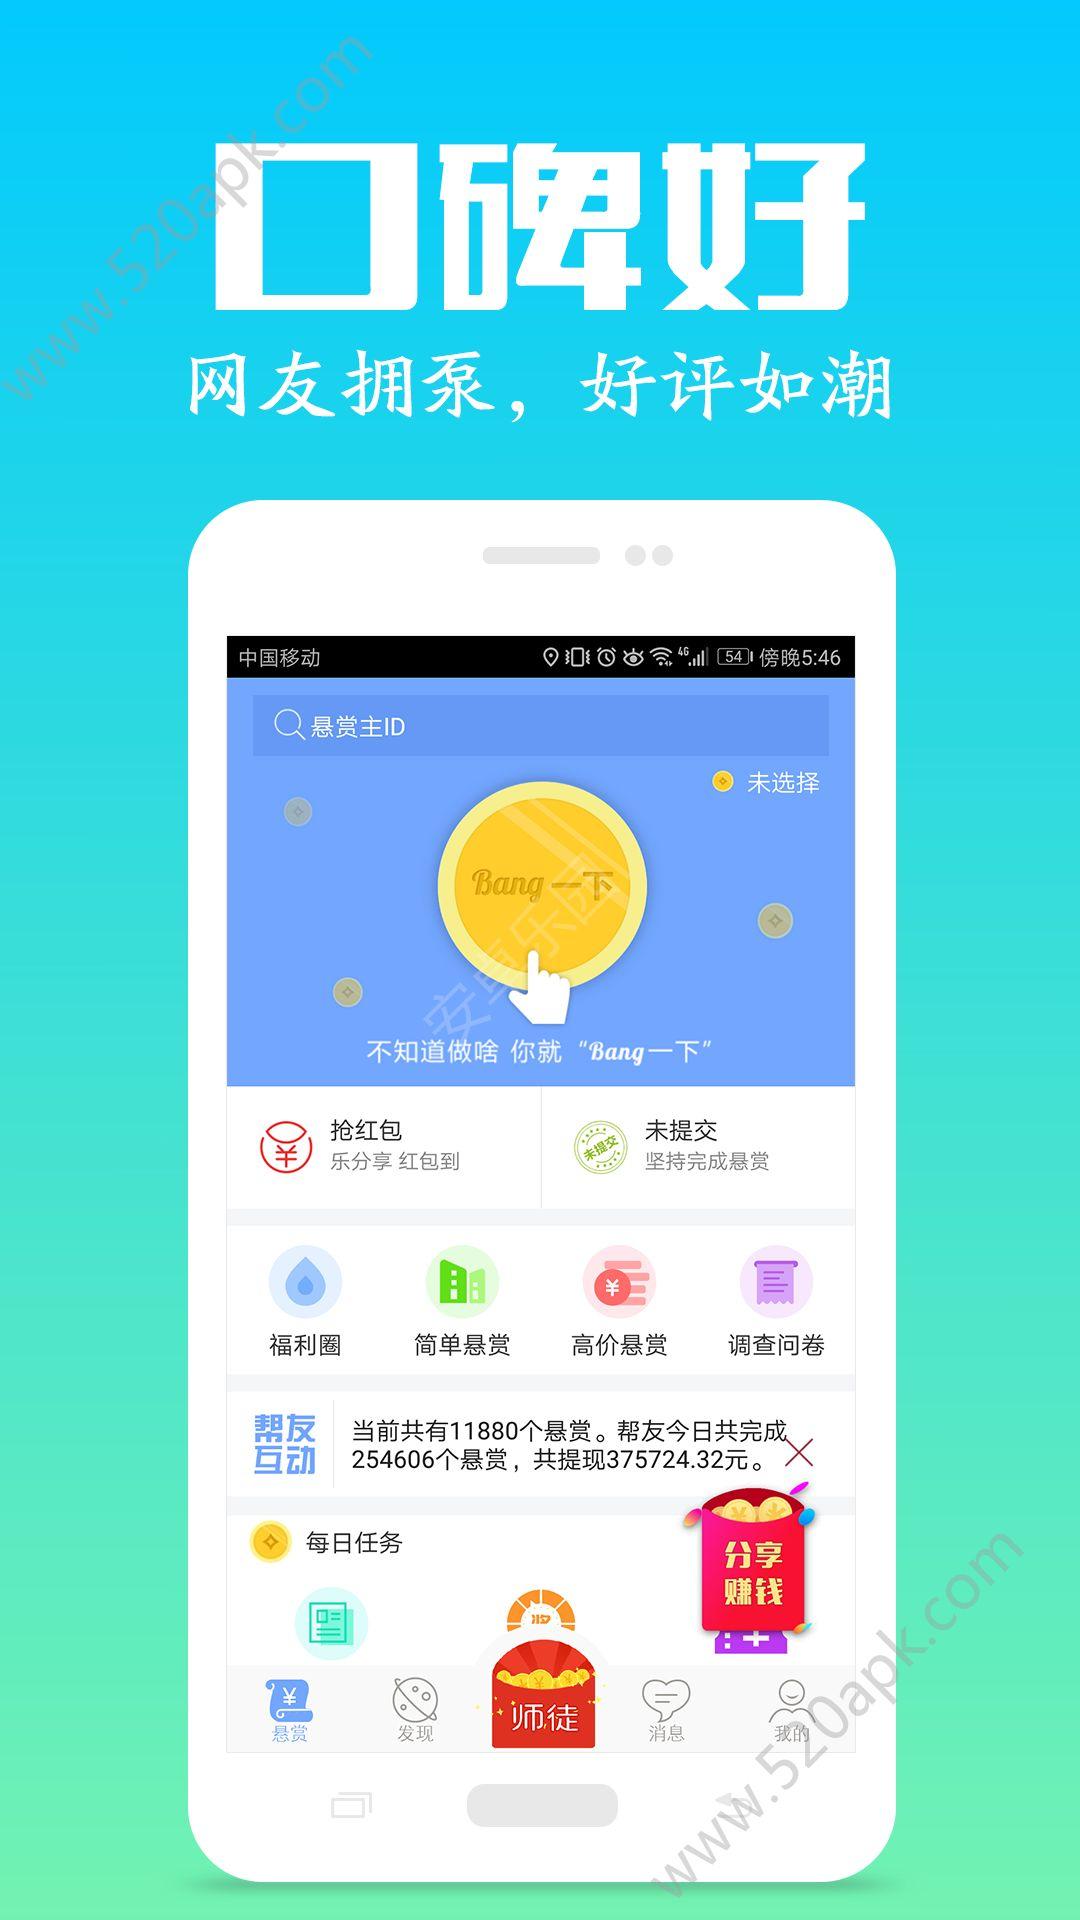 众人帮app官方苹果版下载  v3.73图2